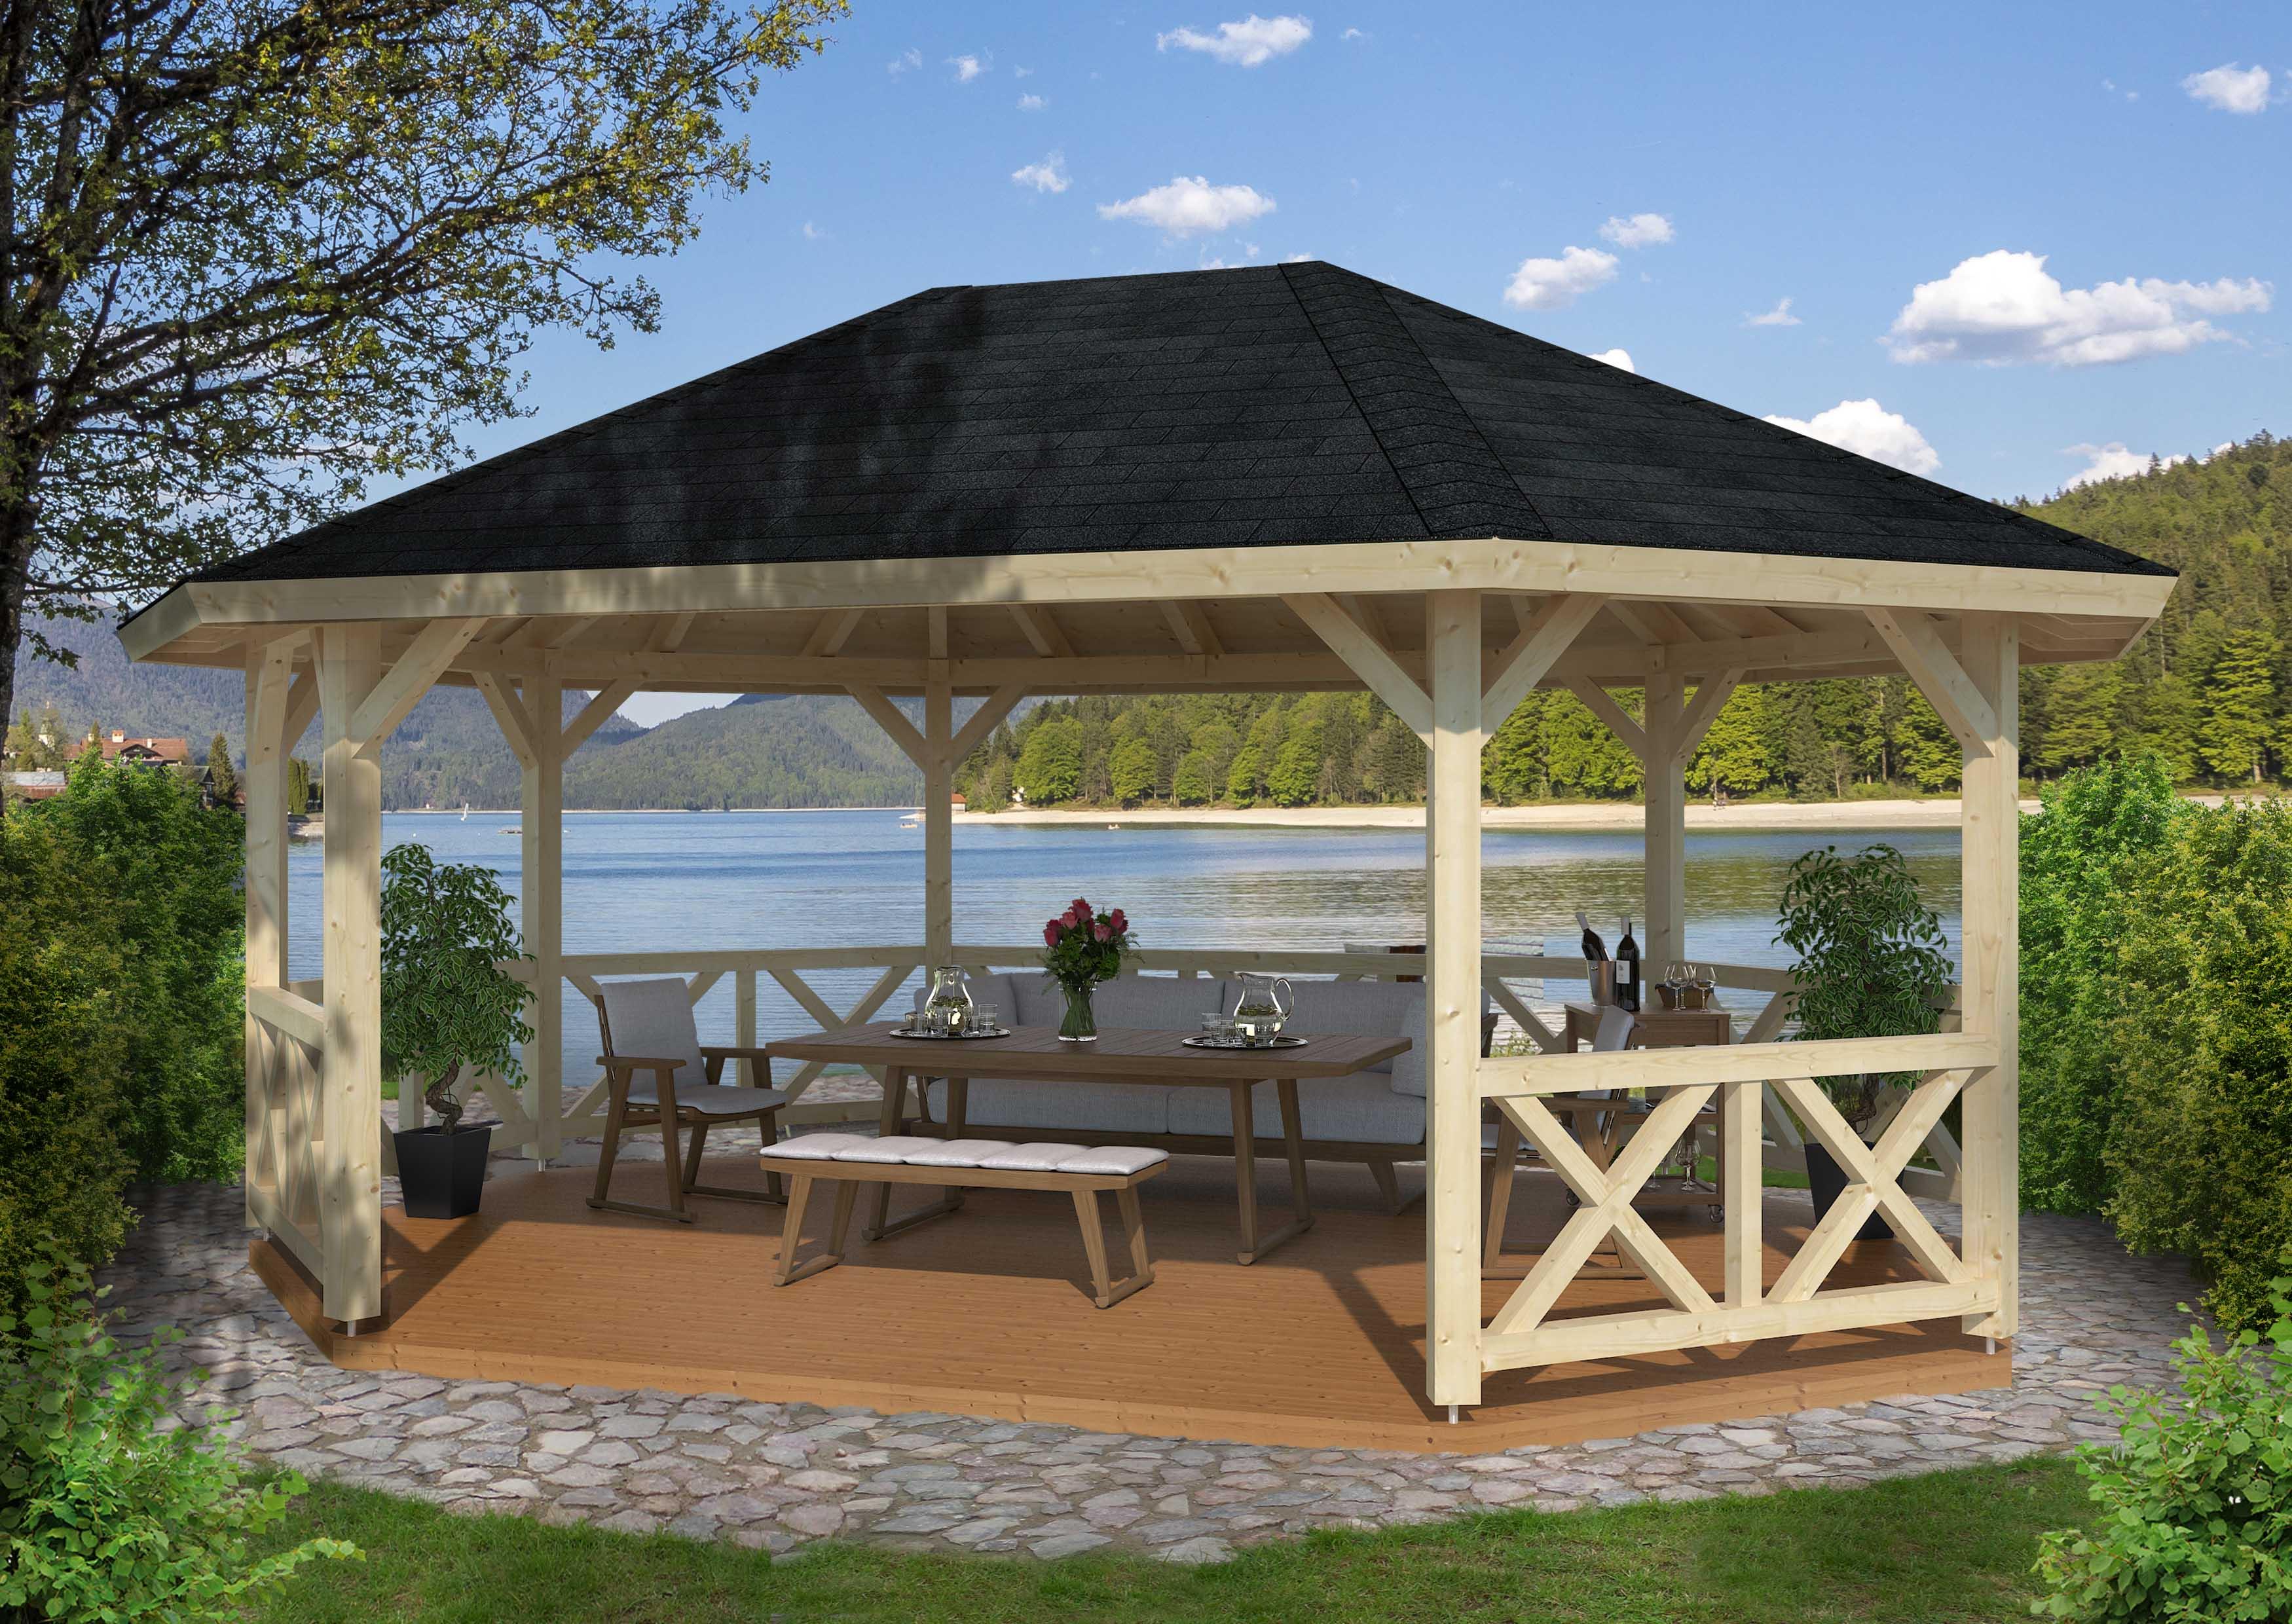 betty 25 0 m2 ben pavillon i tr se vores store udvalg af pavilloner. Black Bedroom Furniture Sets. Home Design Ideas